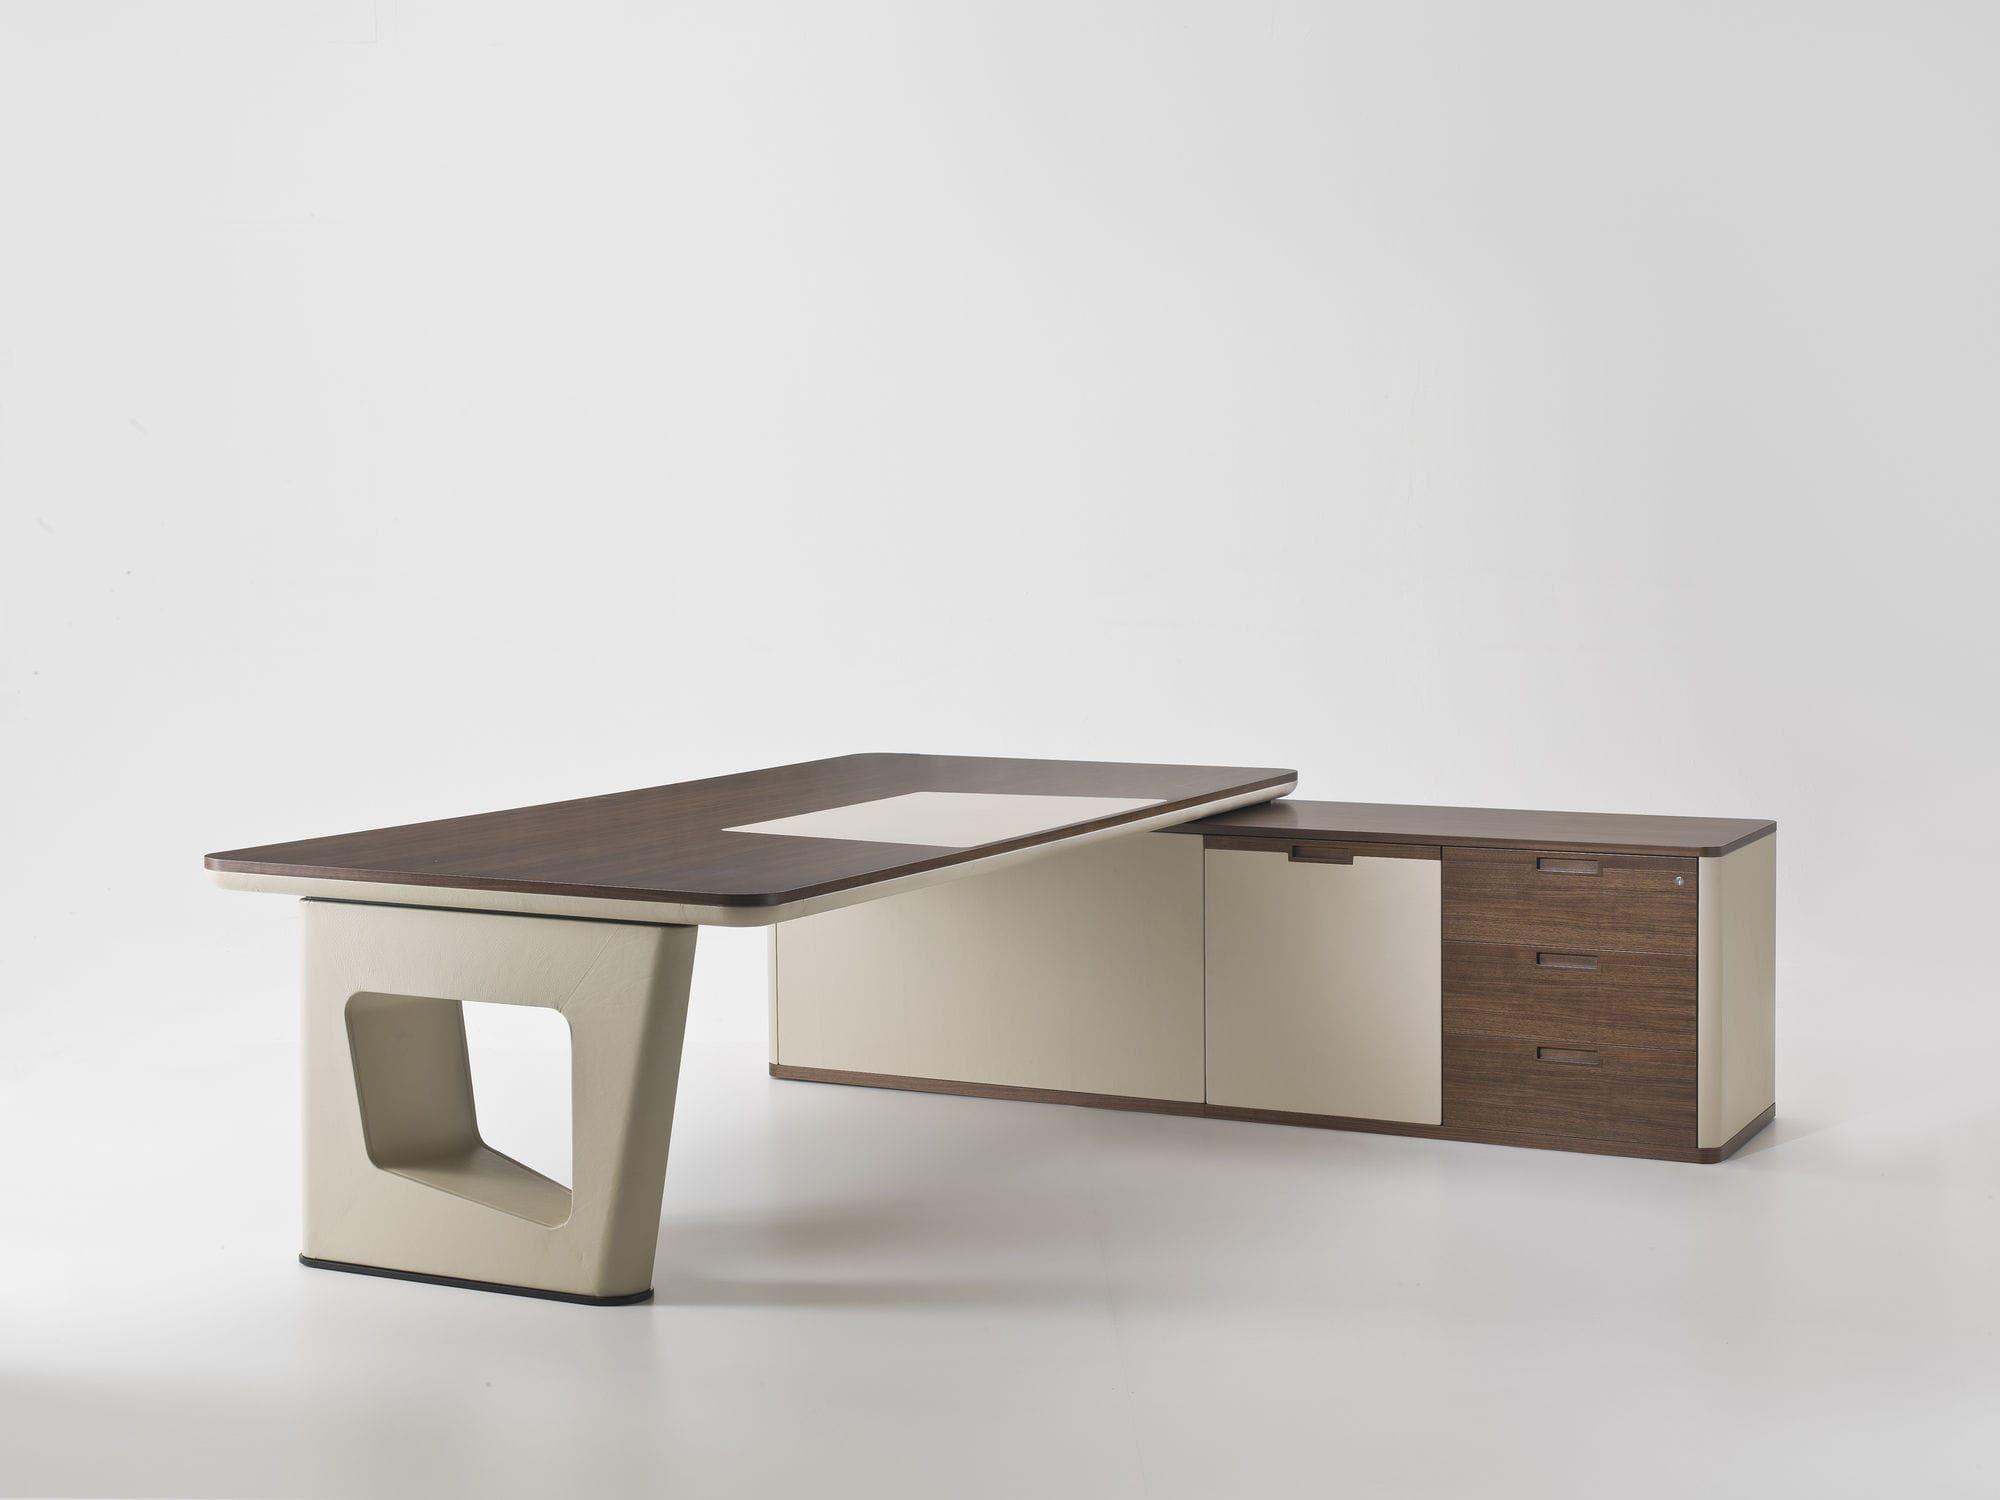 billig schreibtisch mit ecke deutsche deko pinterest. Black Bedroom Furniture Sets. Home Design Ideas